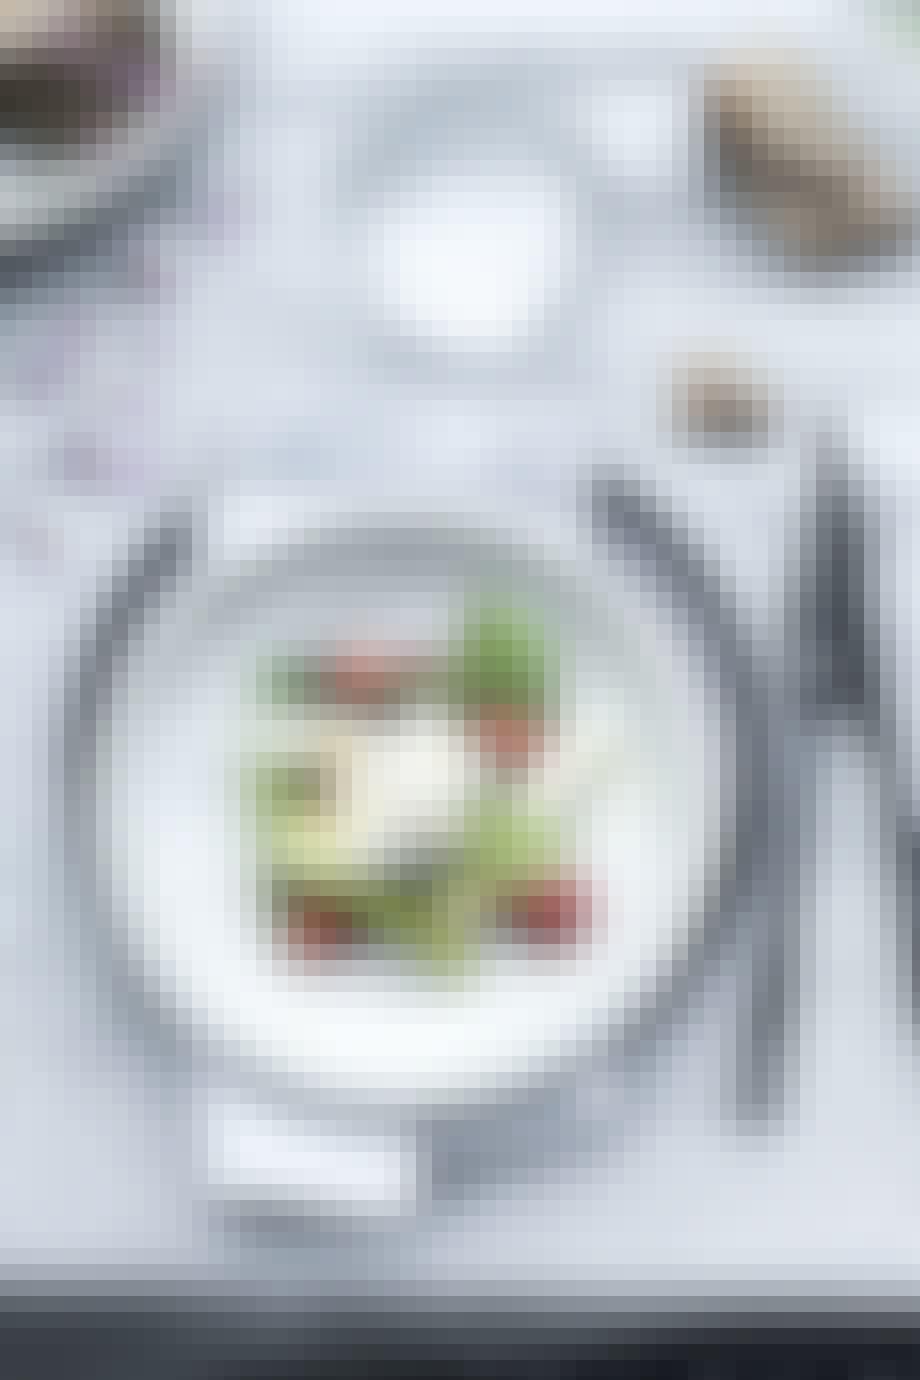 Grillede asparges med burrata, jordbær og basilikum